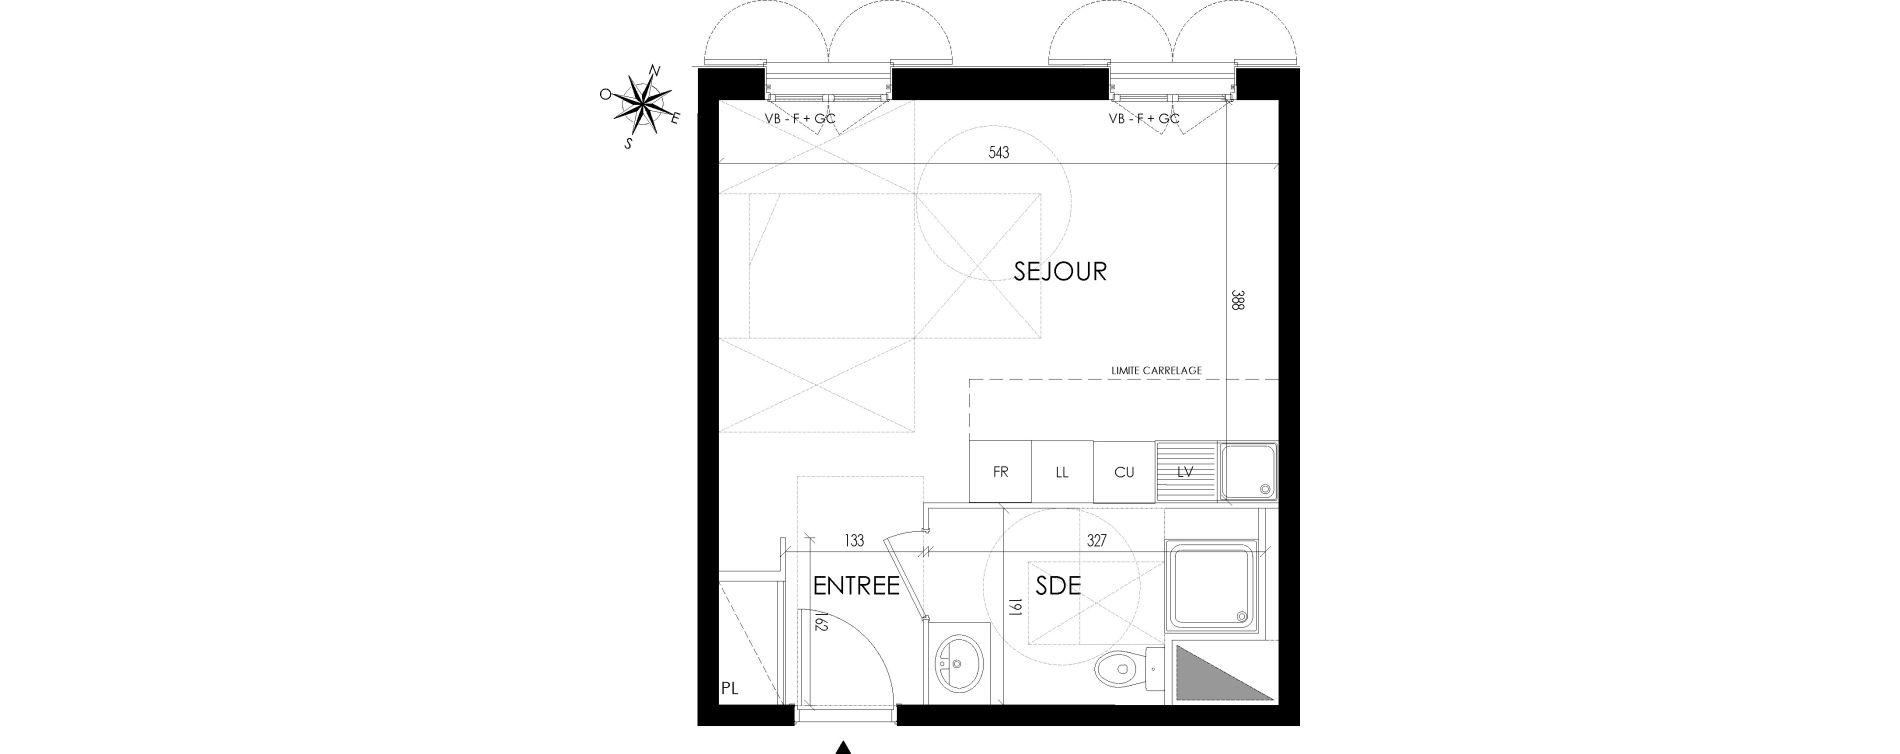 Appartement T1 de 30,28 m2 à Maisons-Laffitte Centre